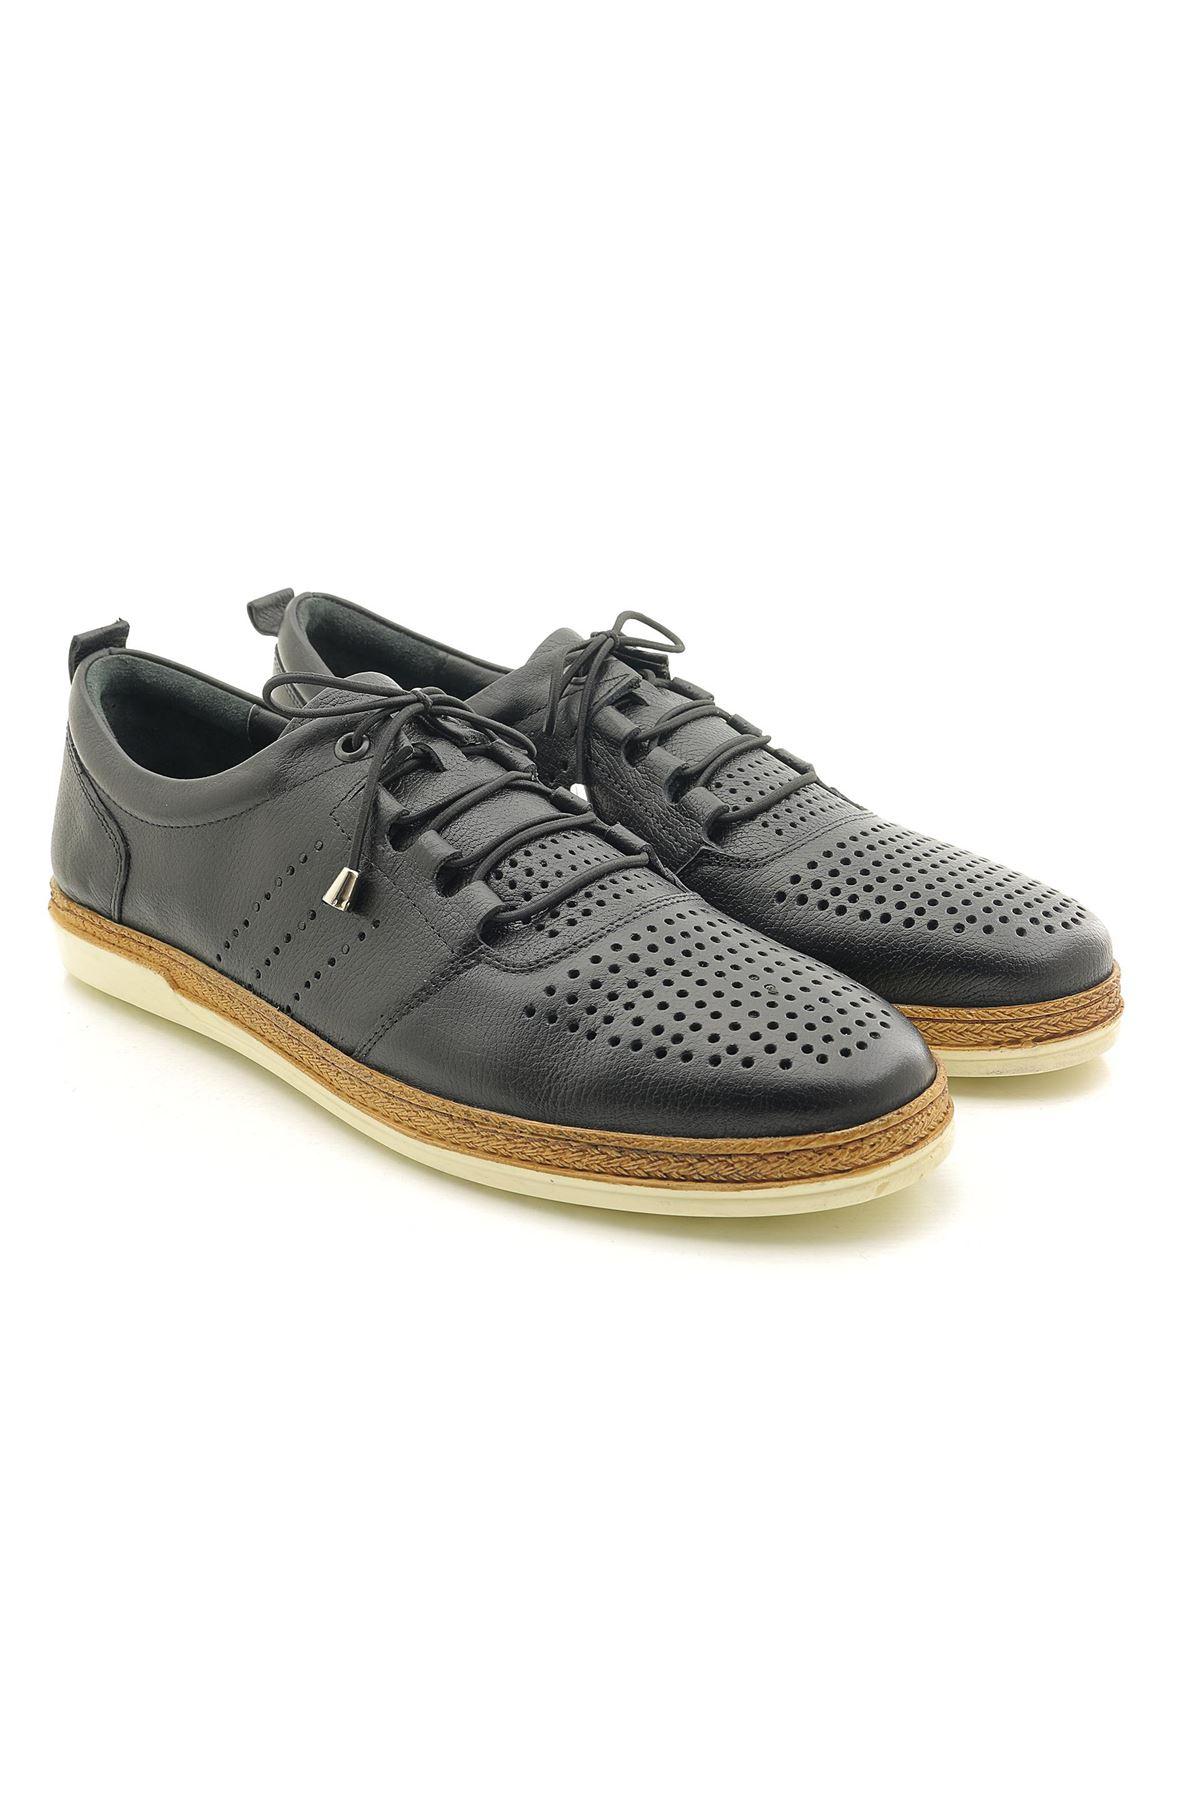 Man U962 Hakiki Deri Timsah Deri Desenli Ayakkabı